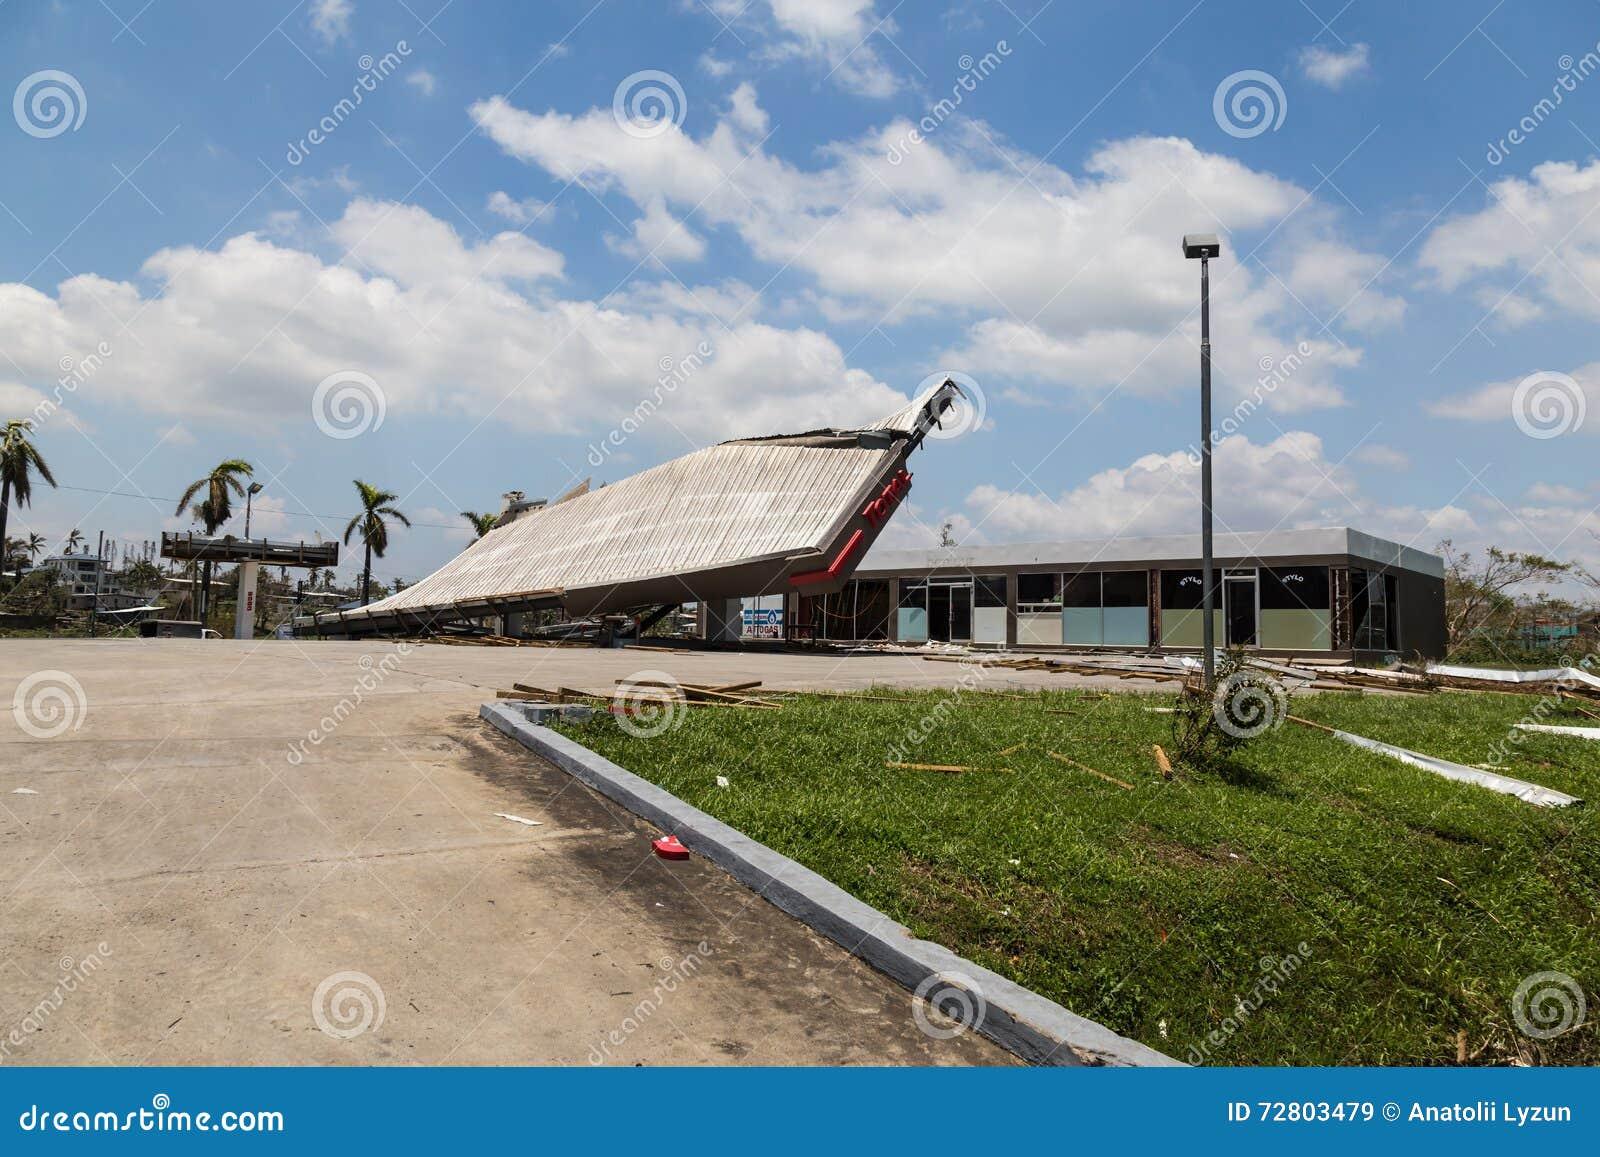 Zniszczenie stacja benzynowa w miasto półdupkach drucik